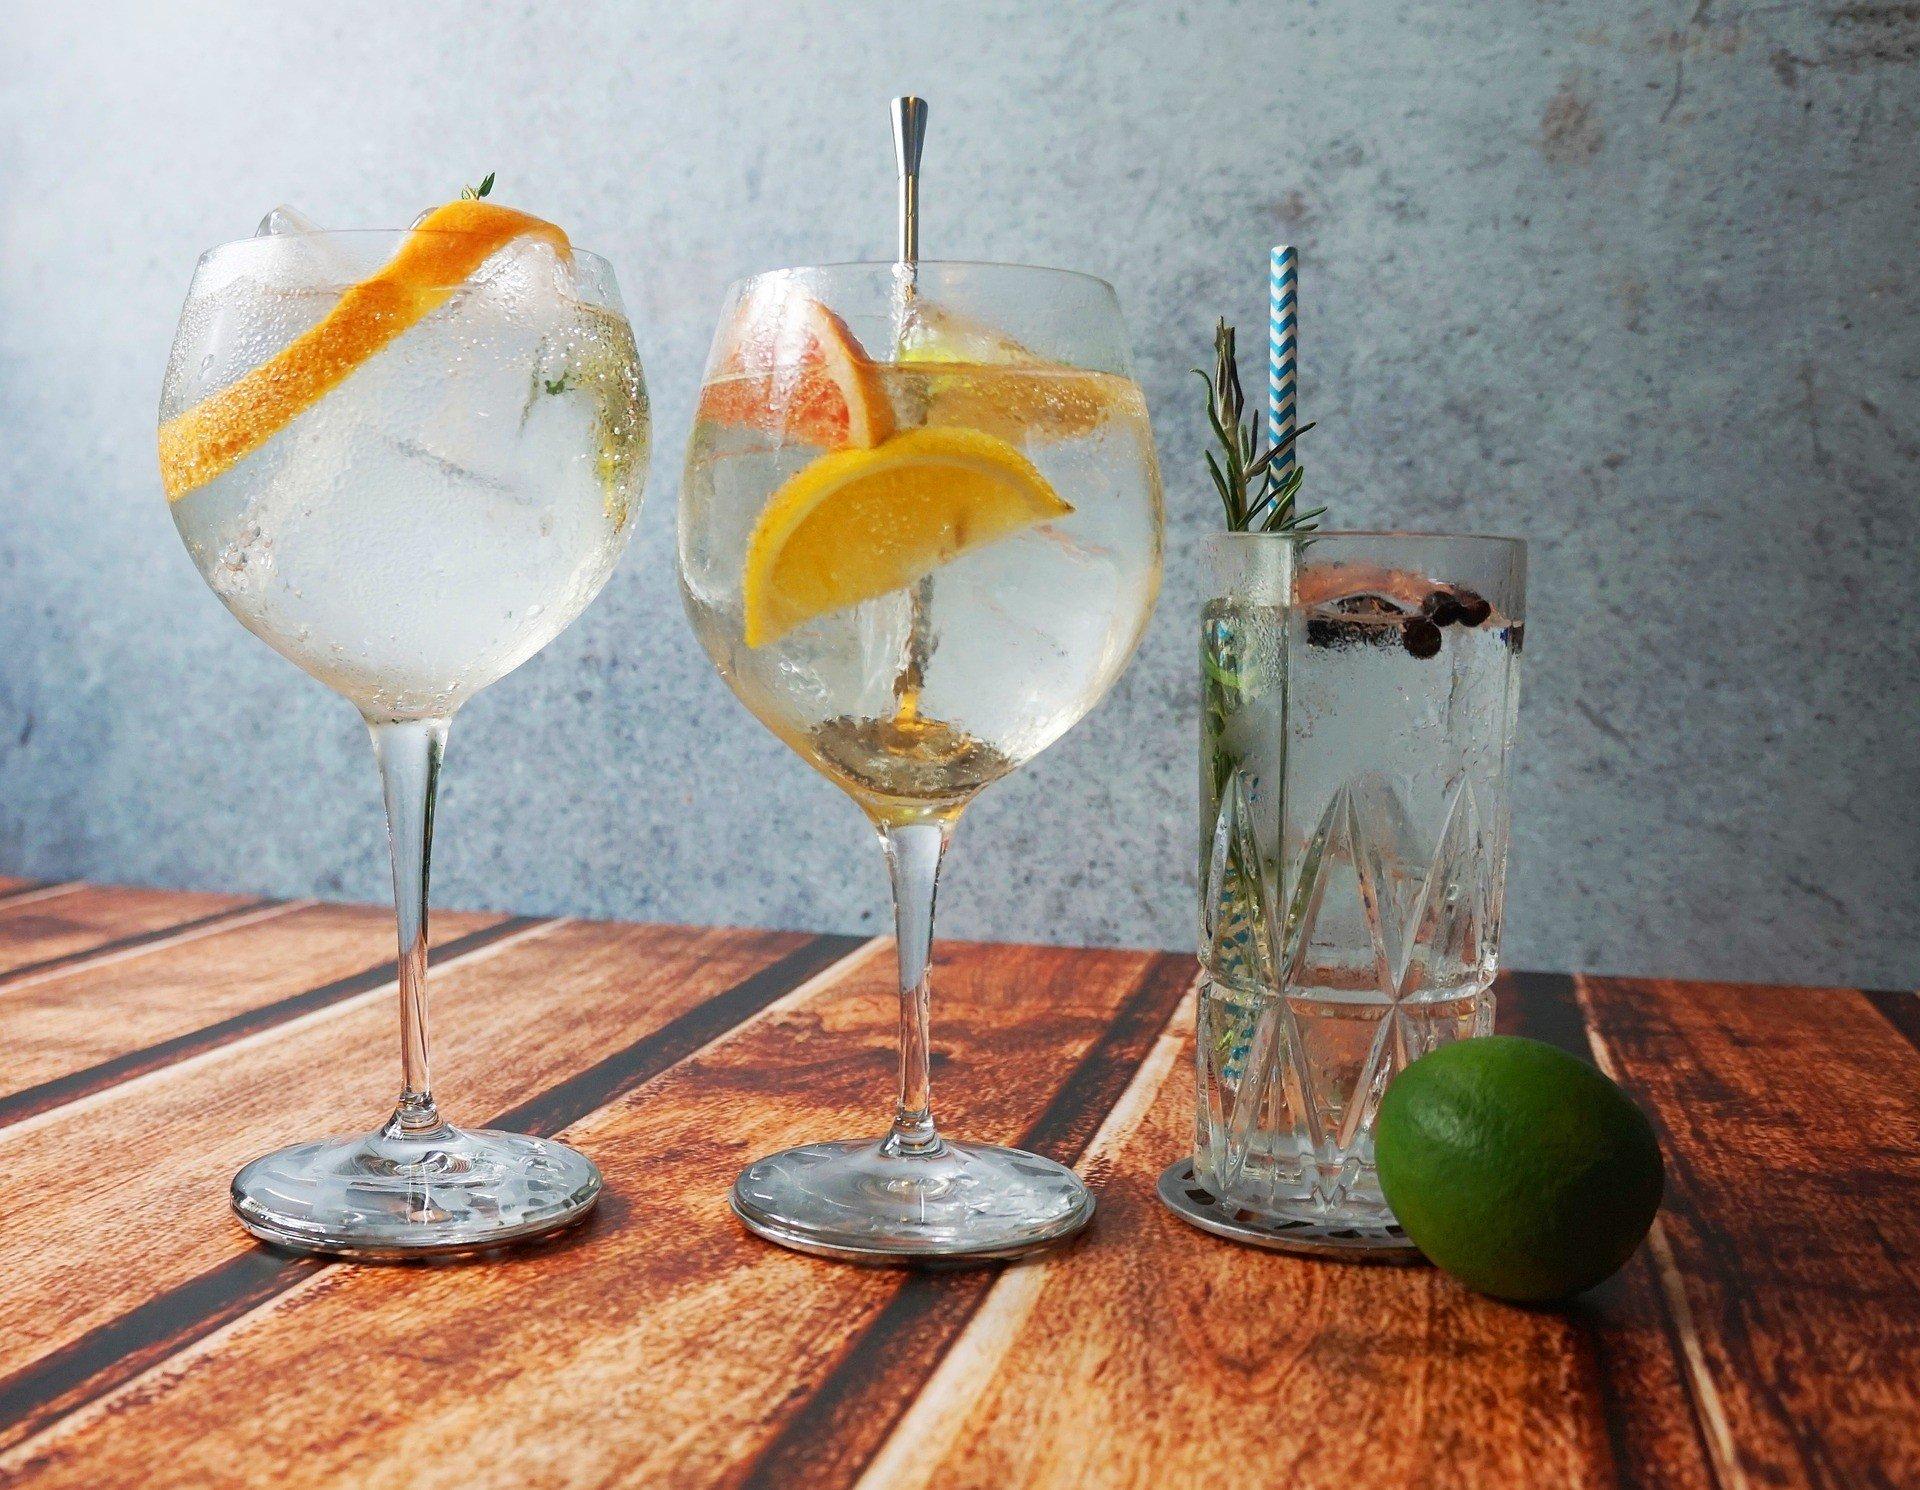 Ученые назвали напиток, который способен предотвратить рак